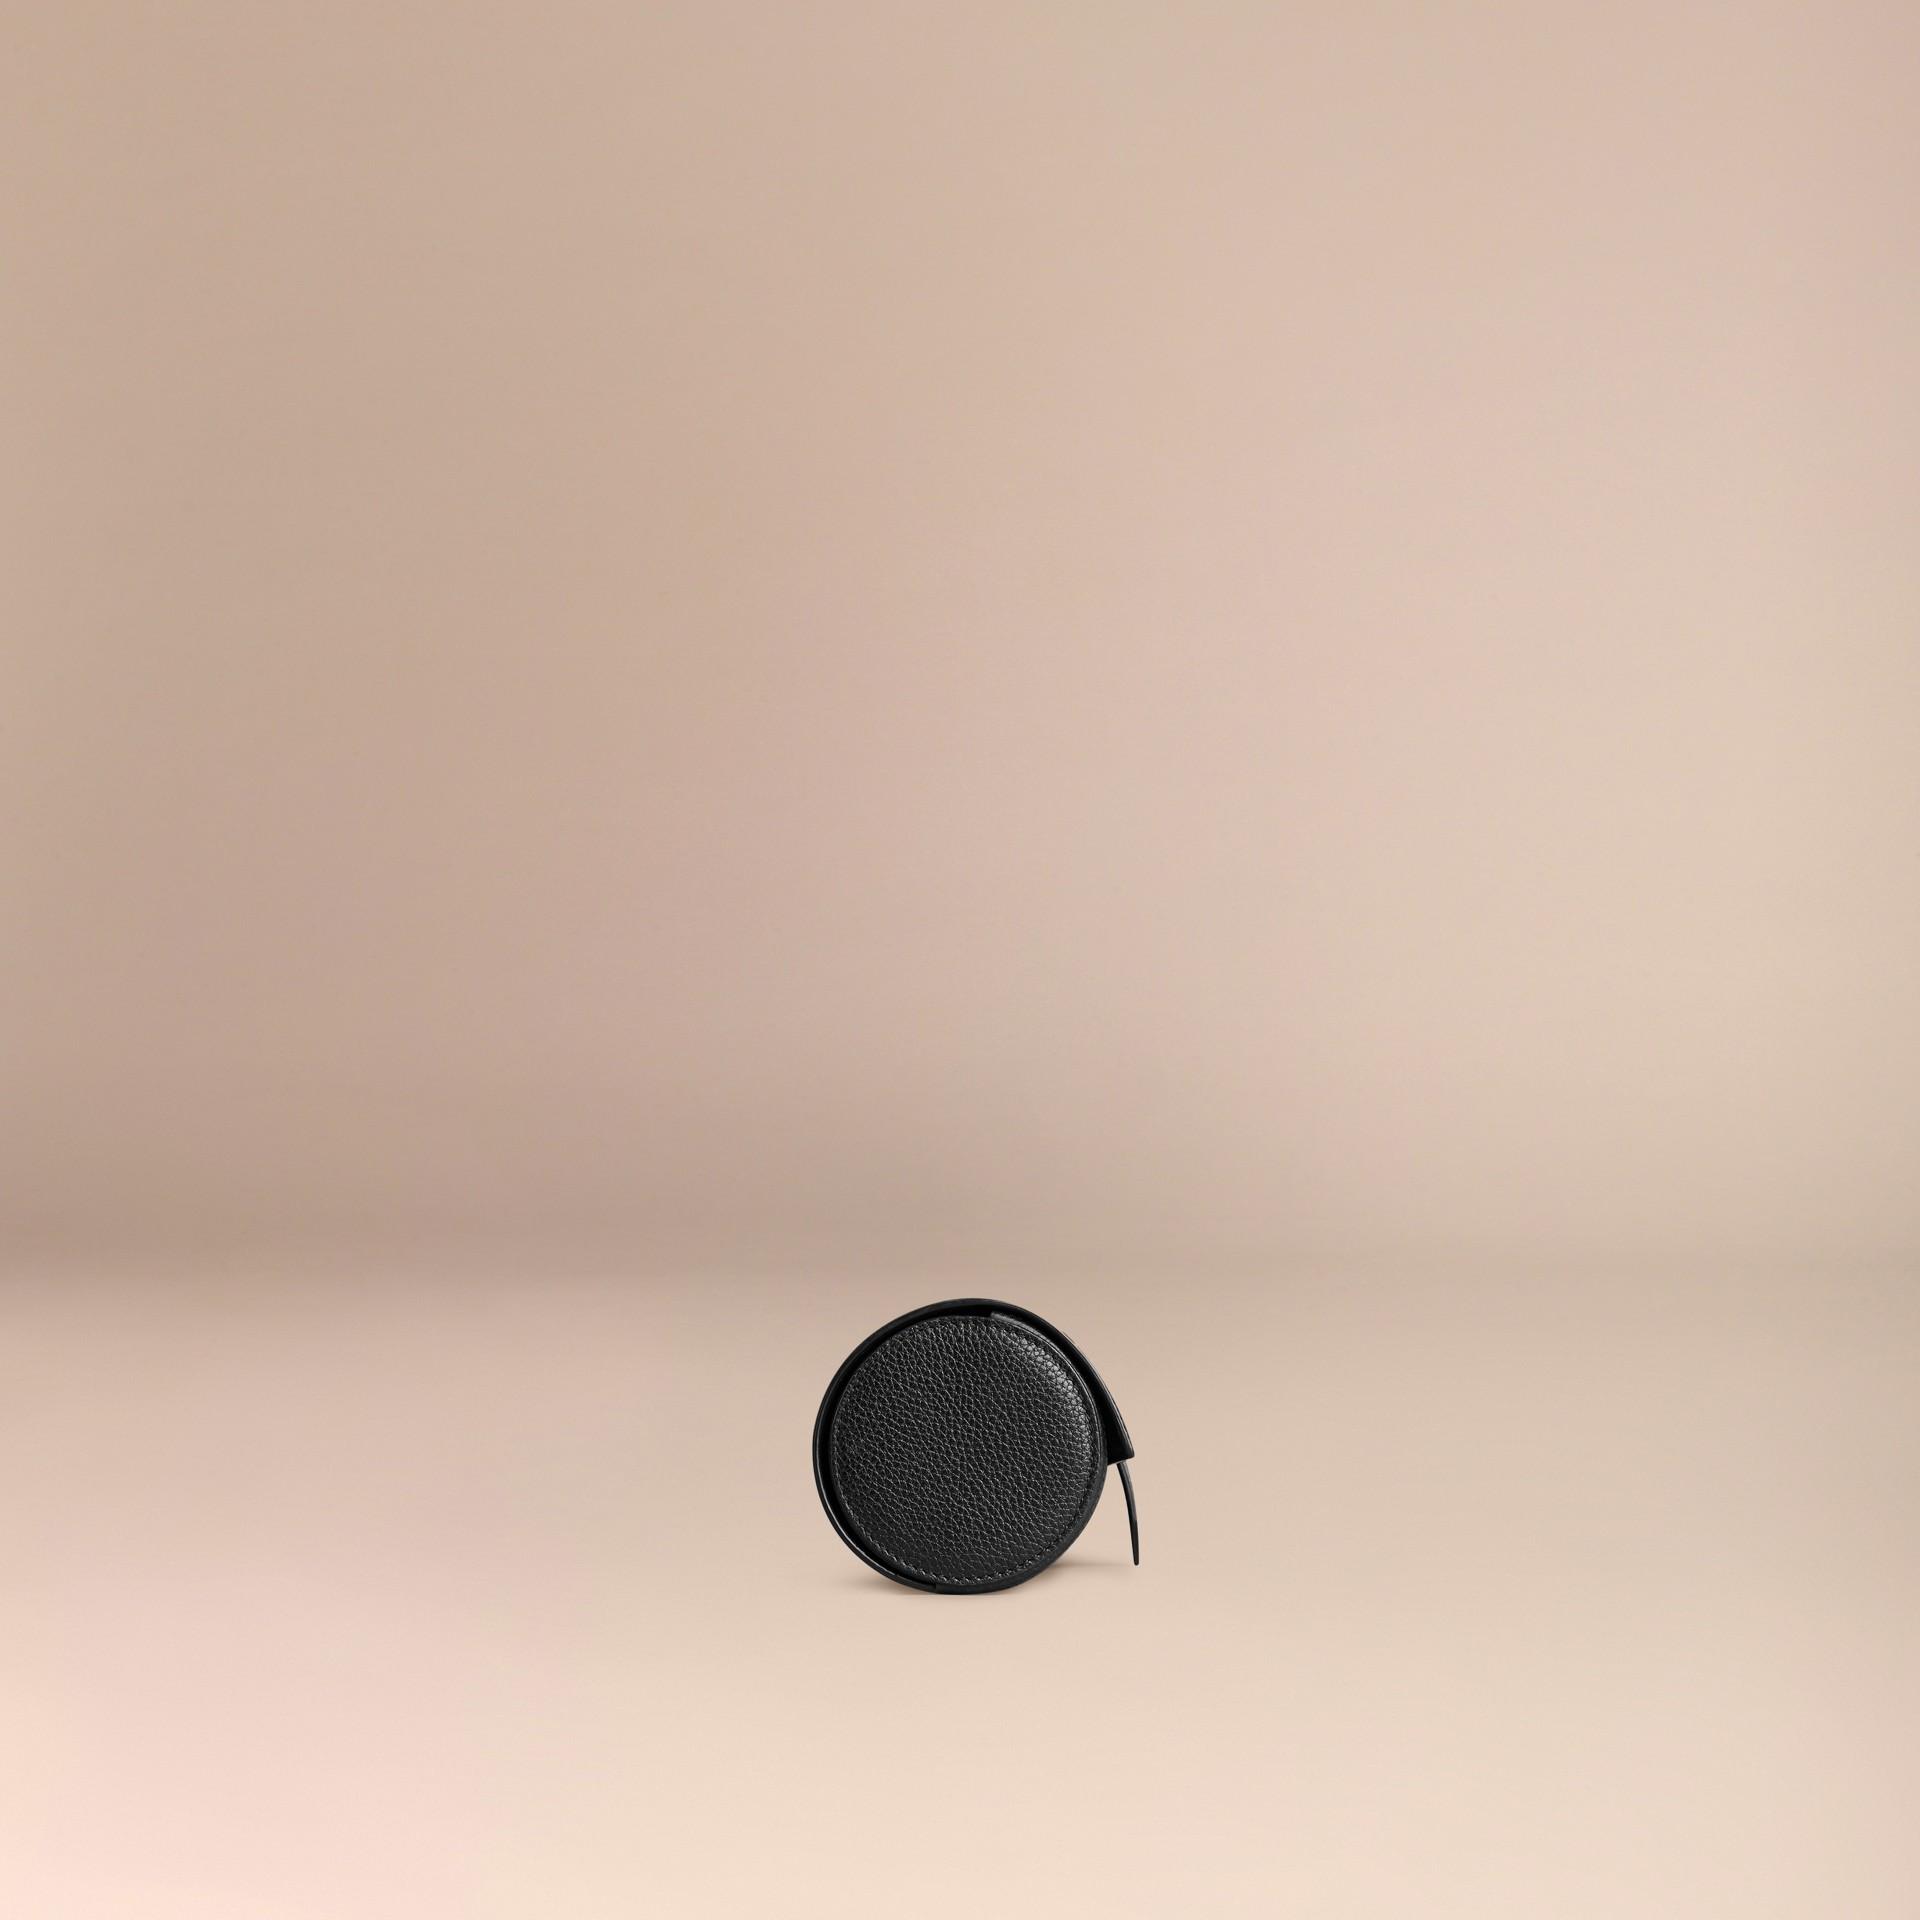 Nero Custodia per orologi in pelle a grana Nero - immagine della galleria 3